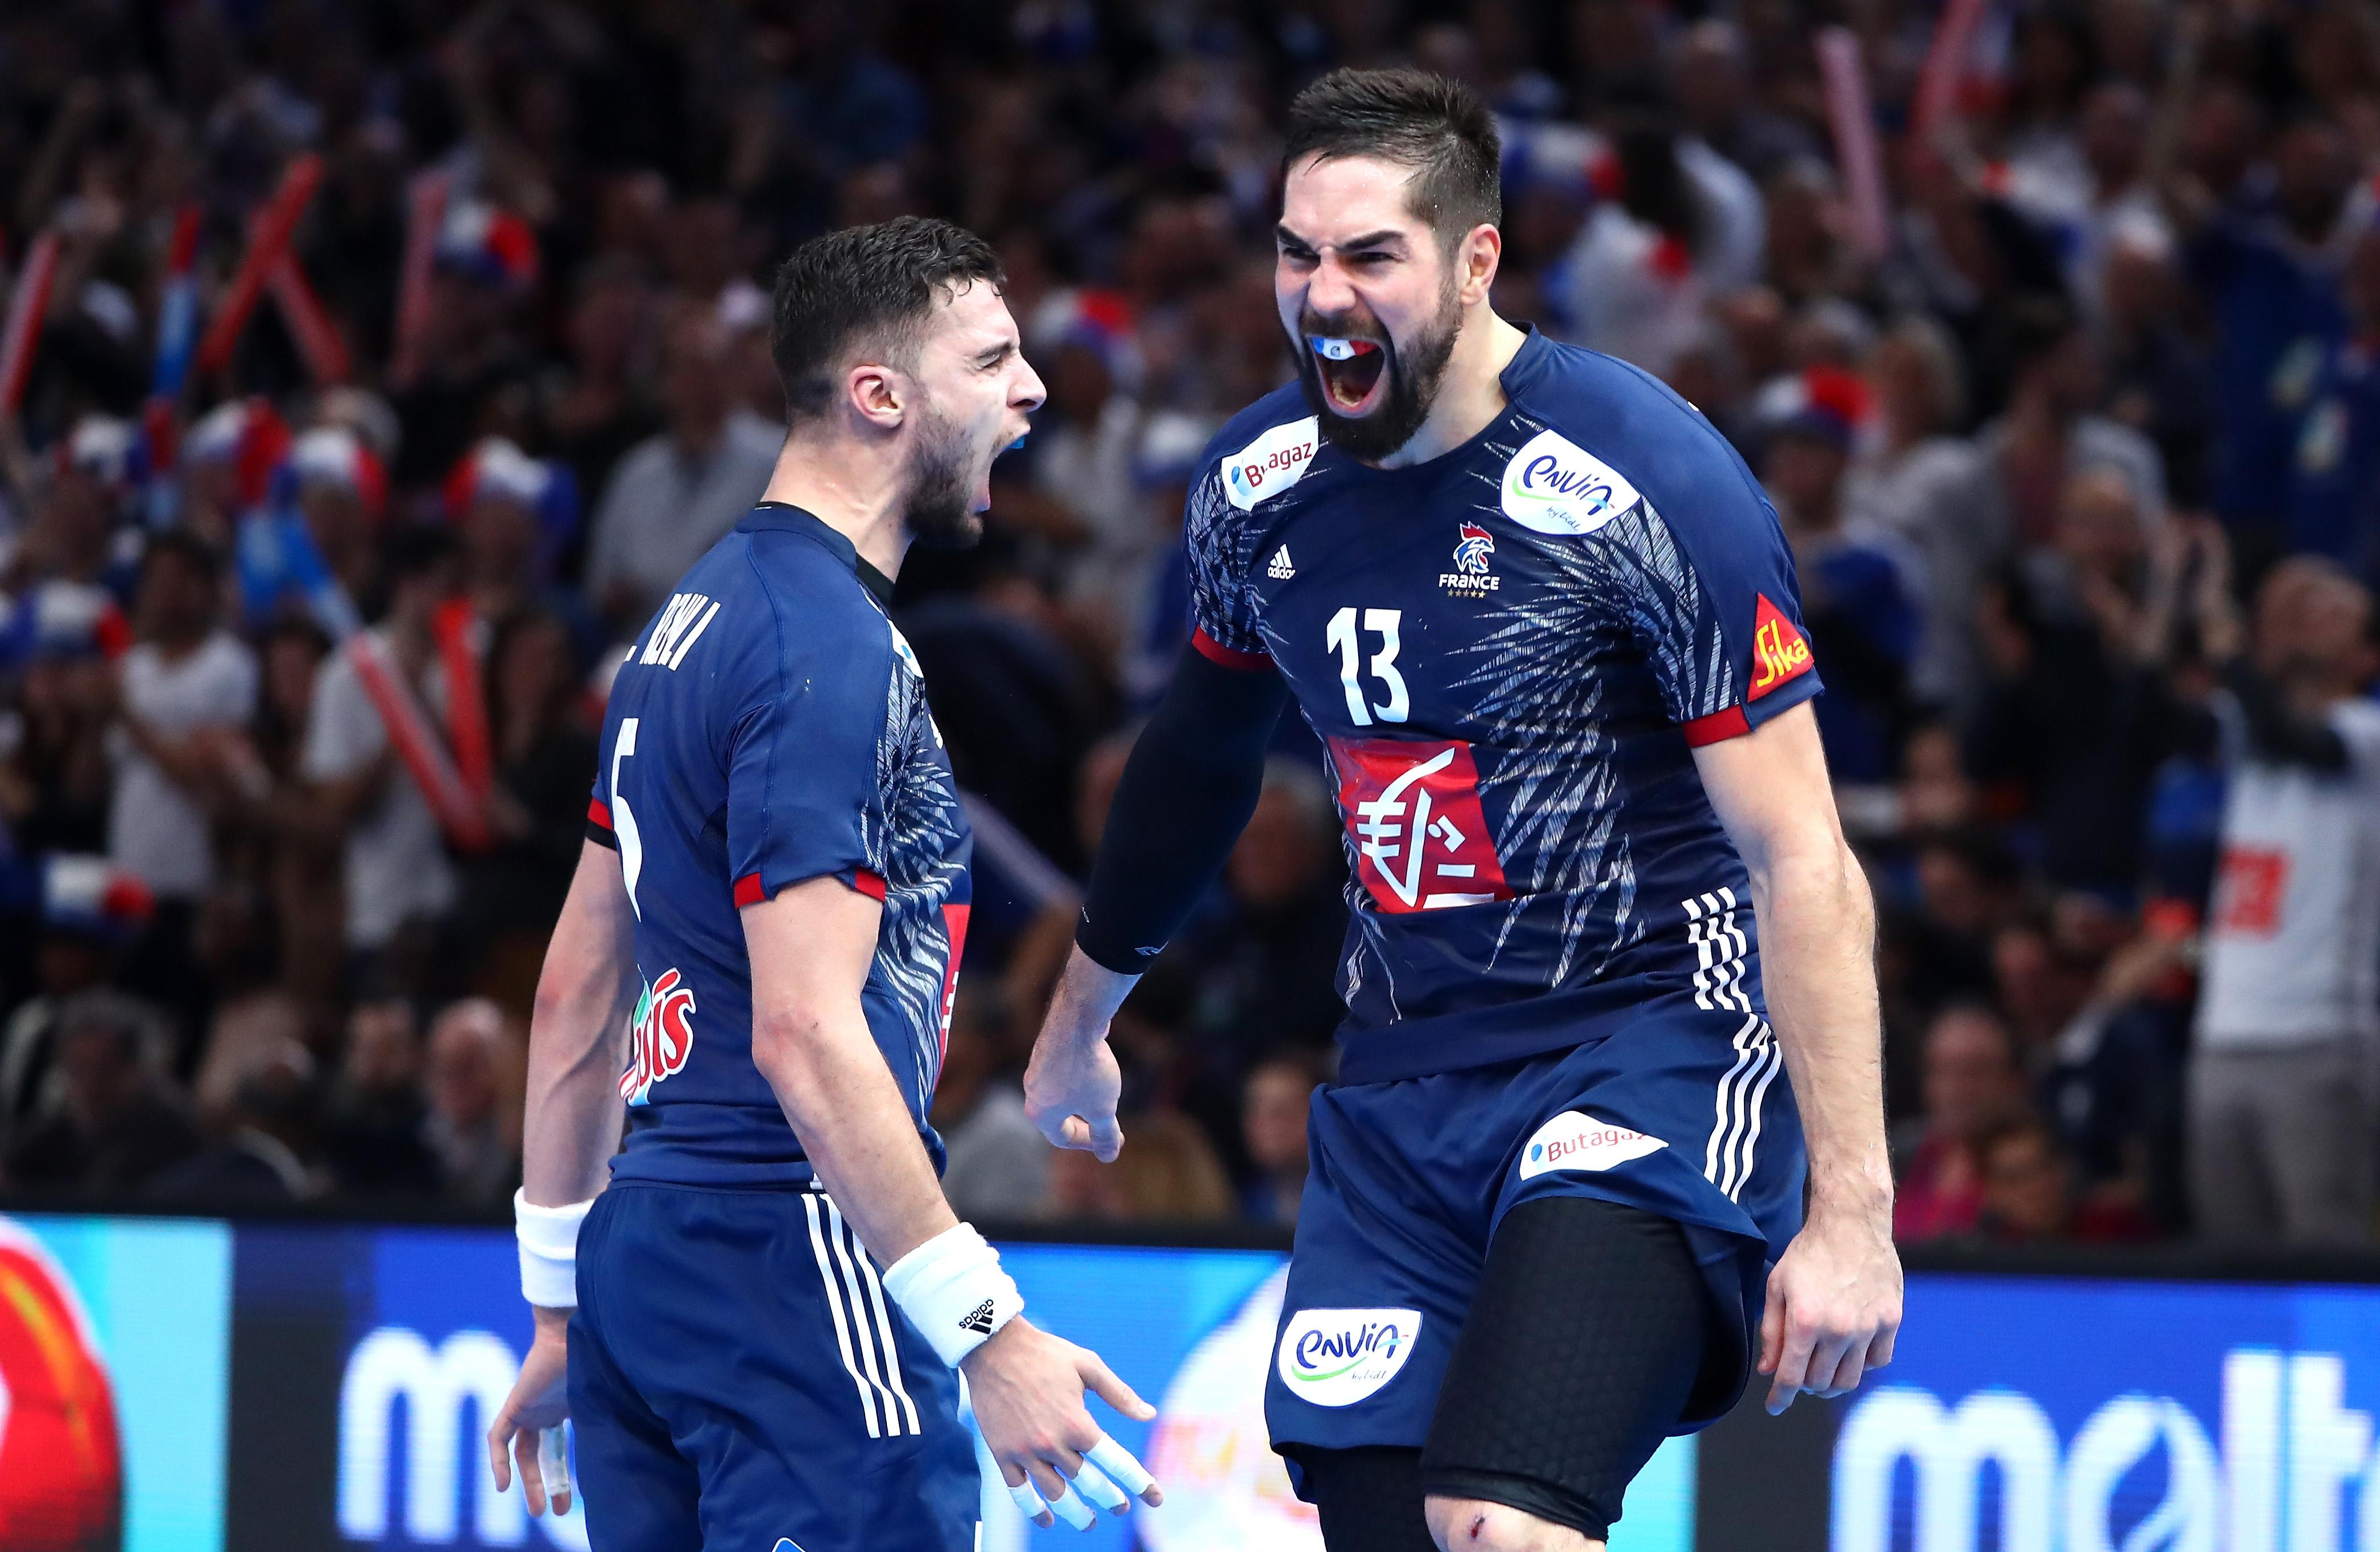 0fd0eaa6d Francuzi i PSG w opałach. Nikola Karabatić opuści MŚ 2019! - WP  SportoweFakty